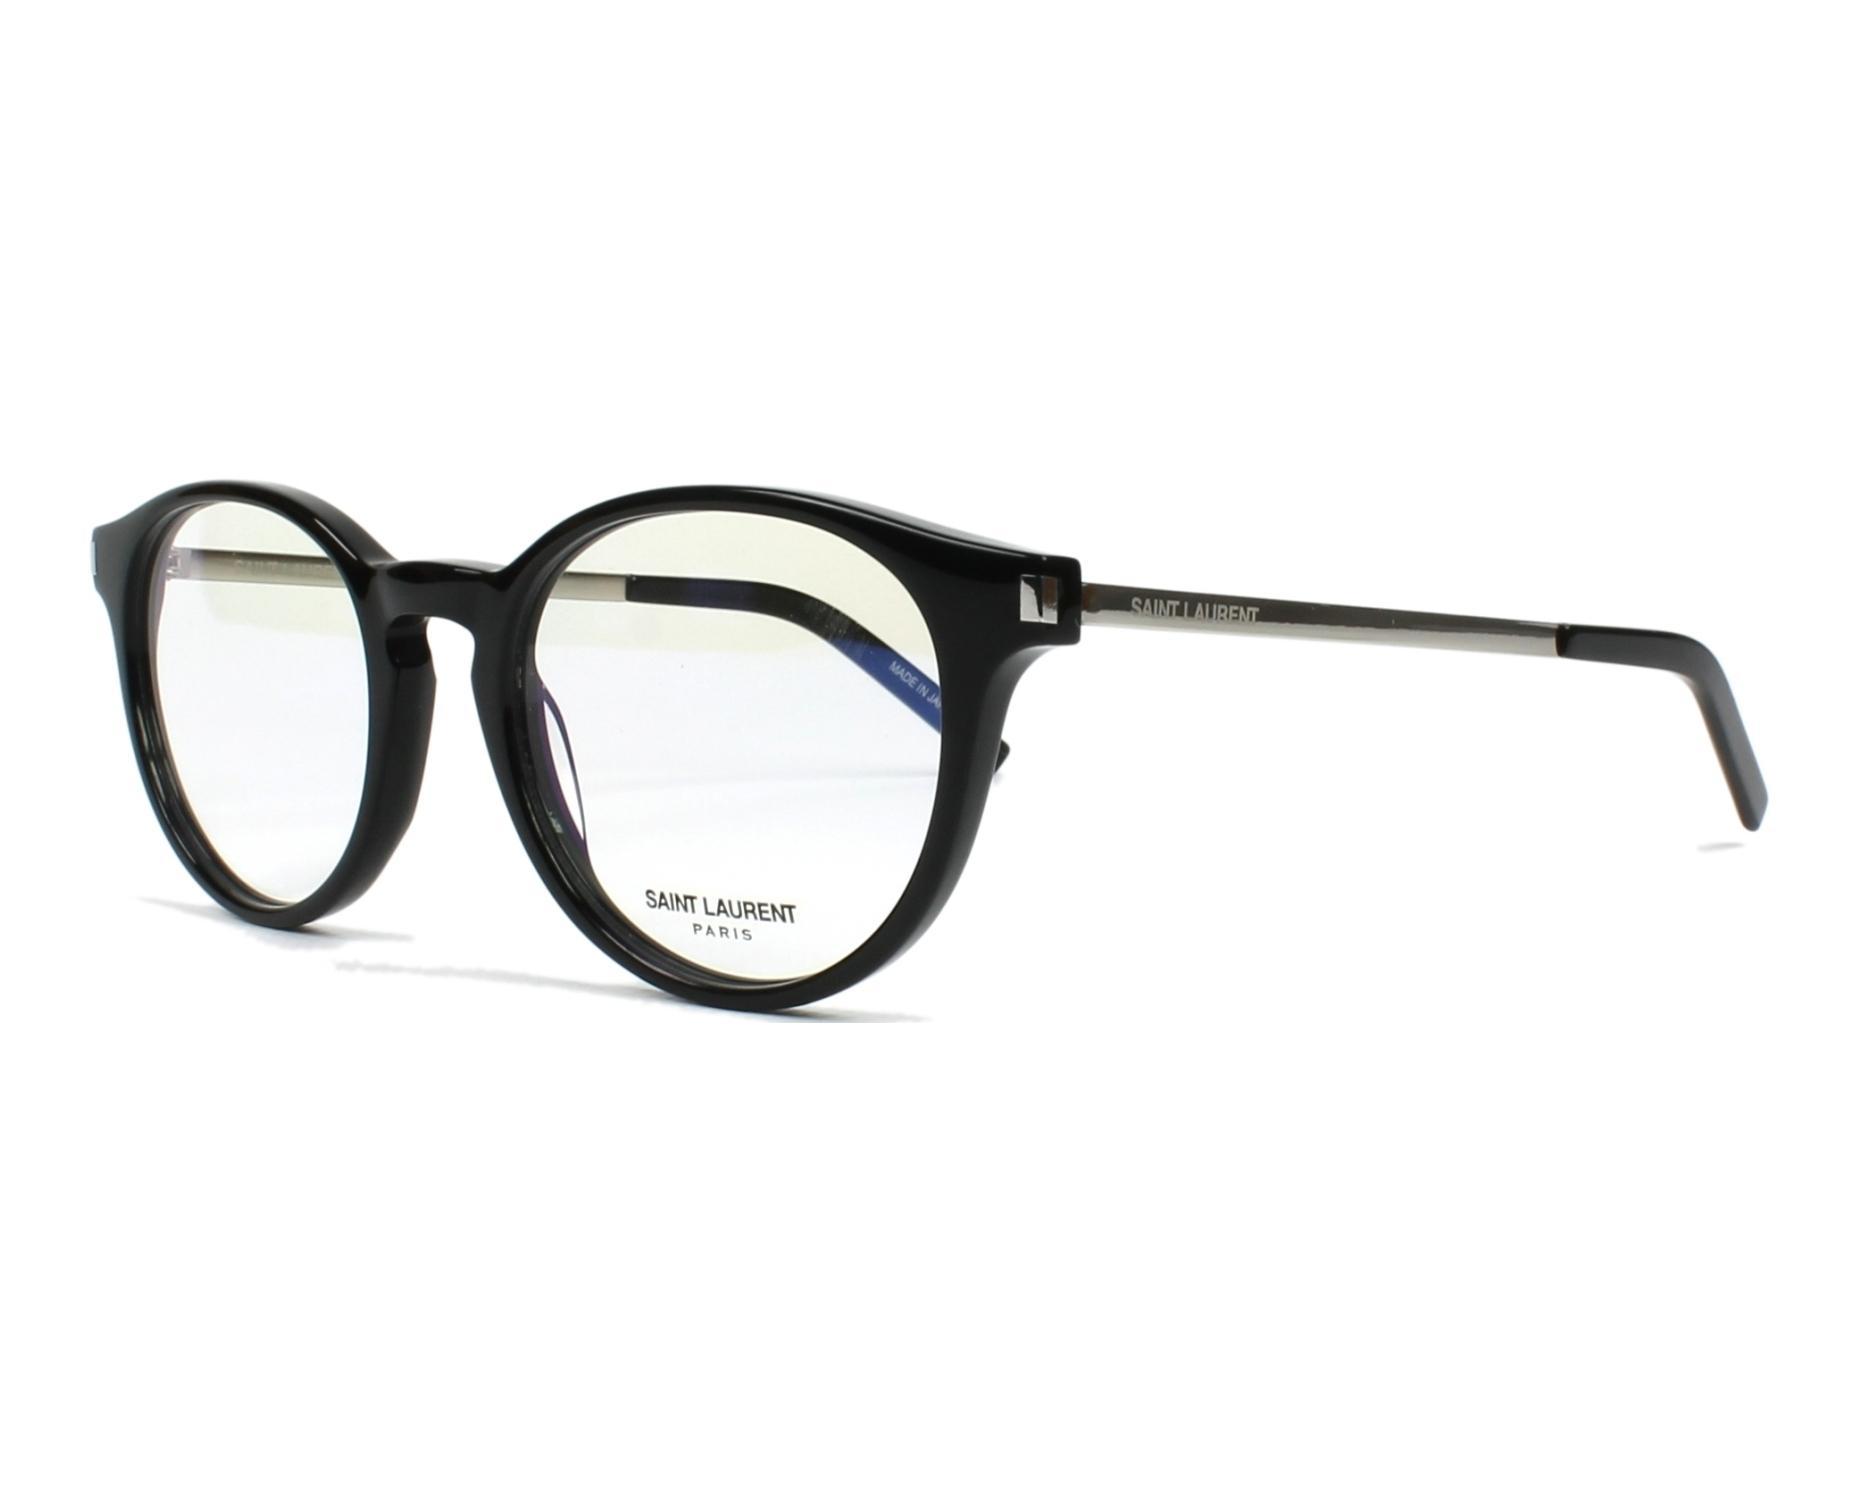 9084f67b75213 lunettes vue yves saint laurent femme